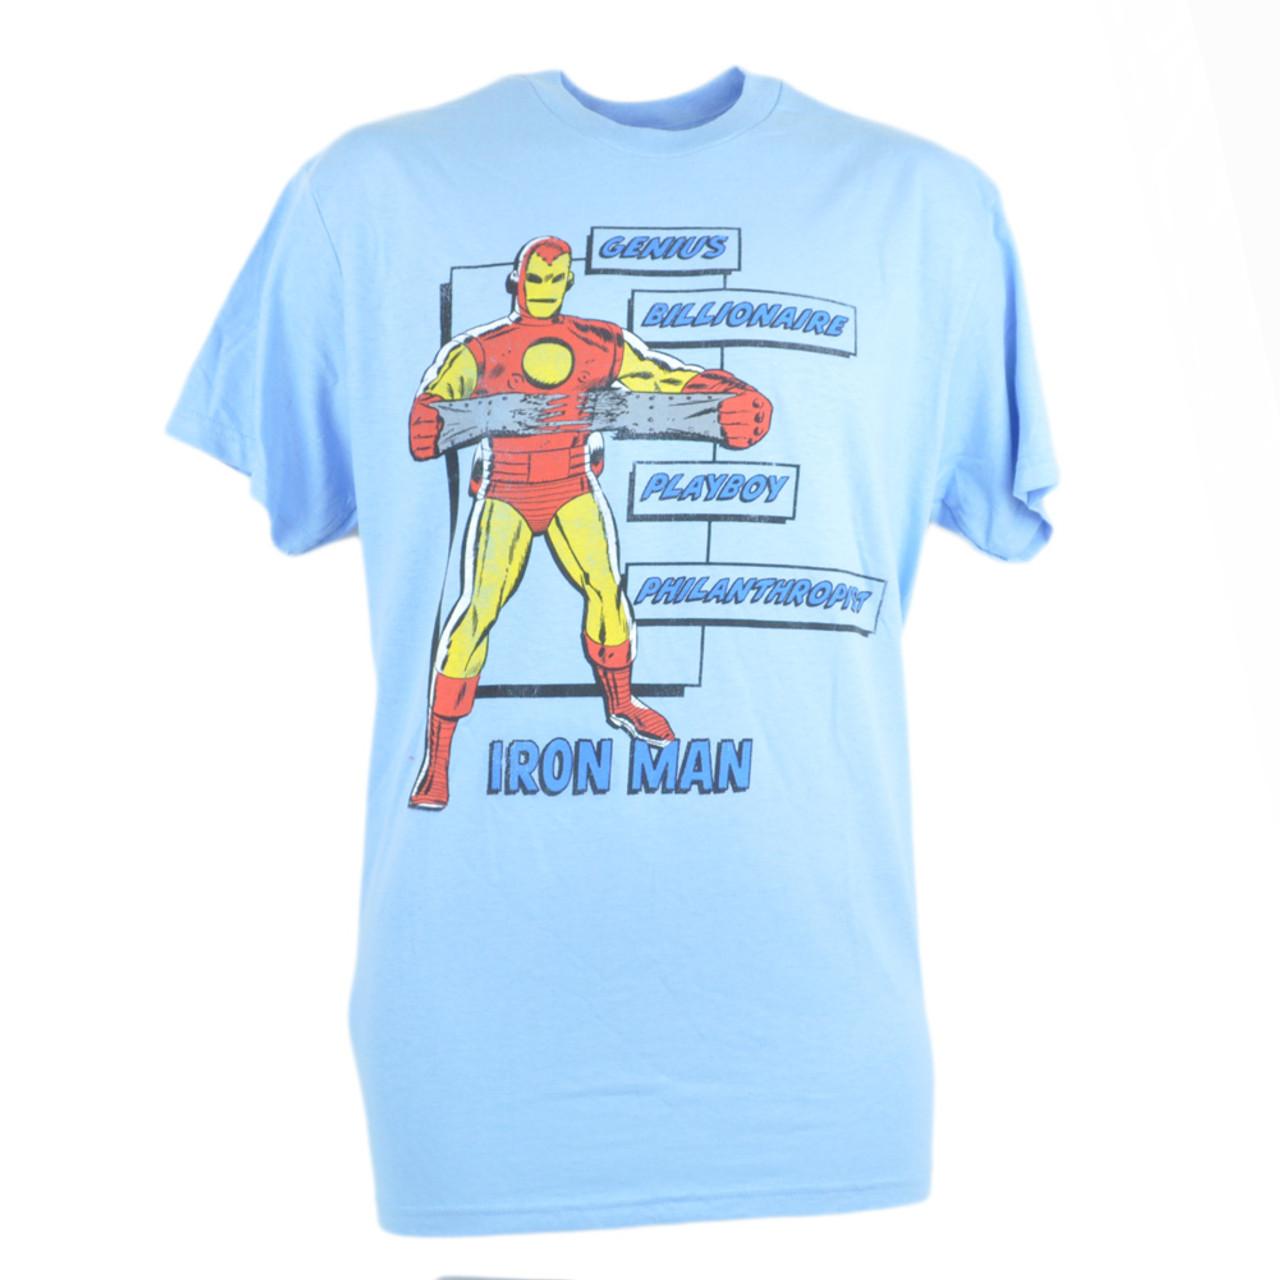 Mens Ironman Iron Man Superhero Gift Genius Billionaire Philanthropist TShirt